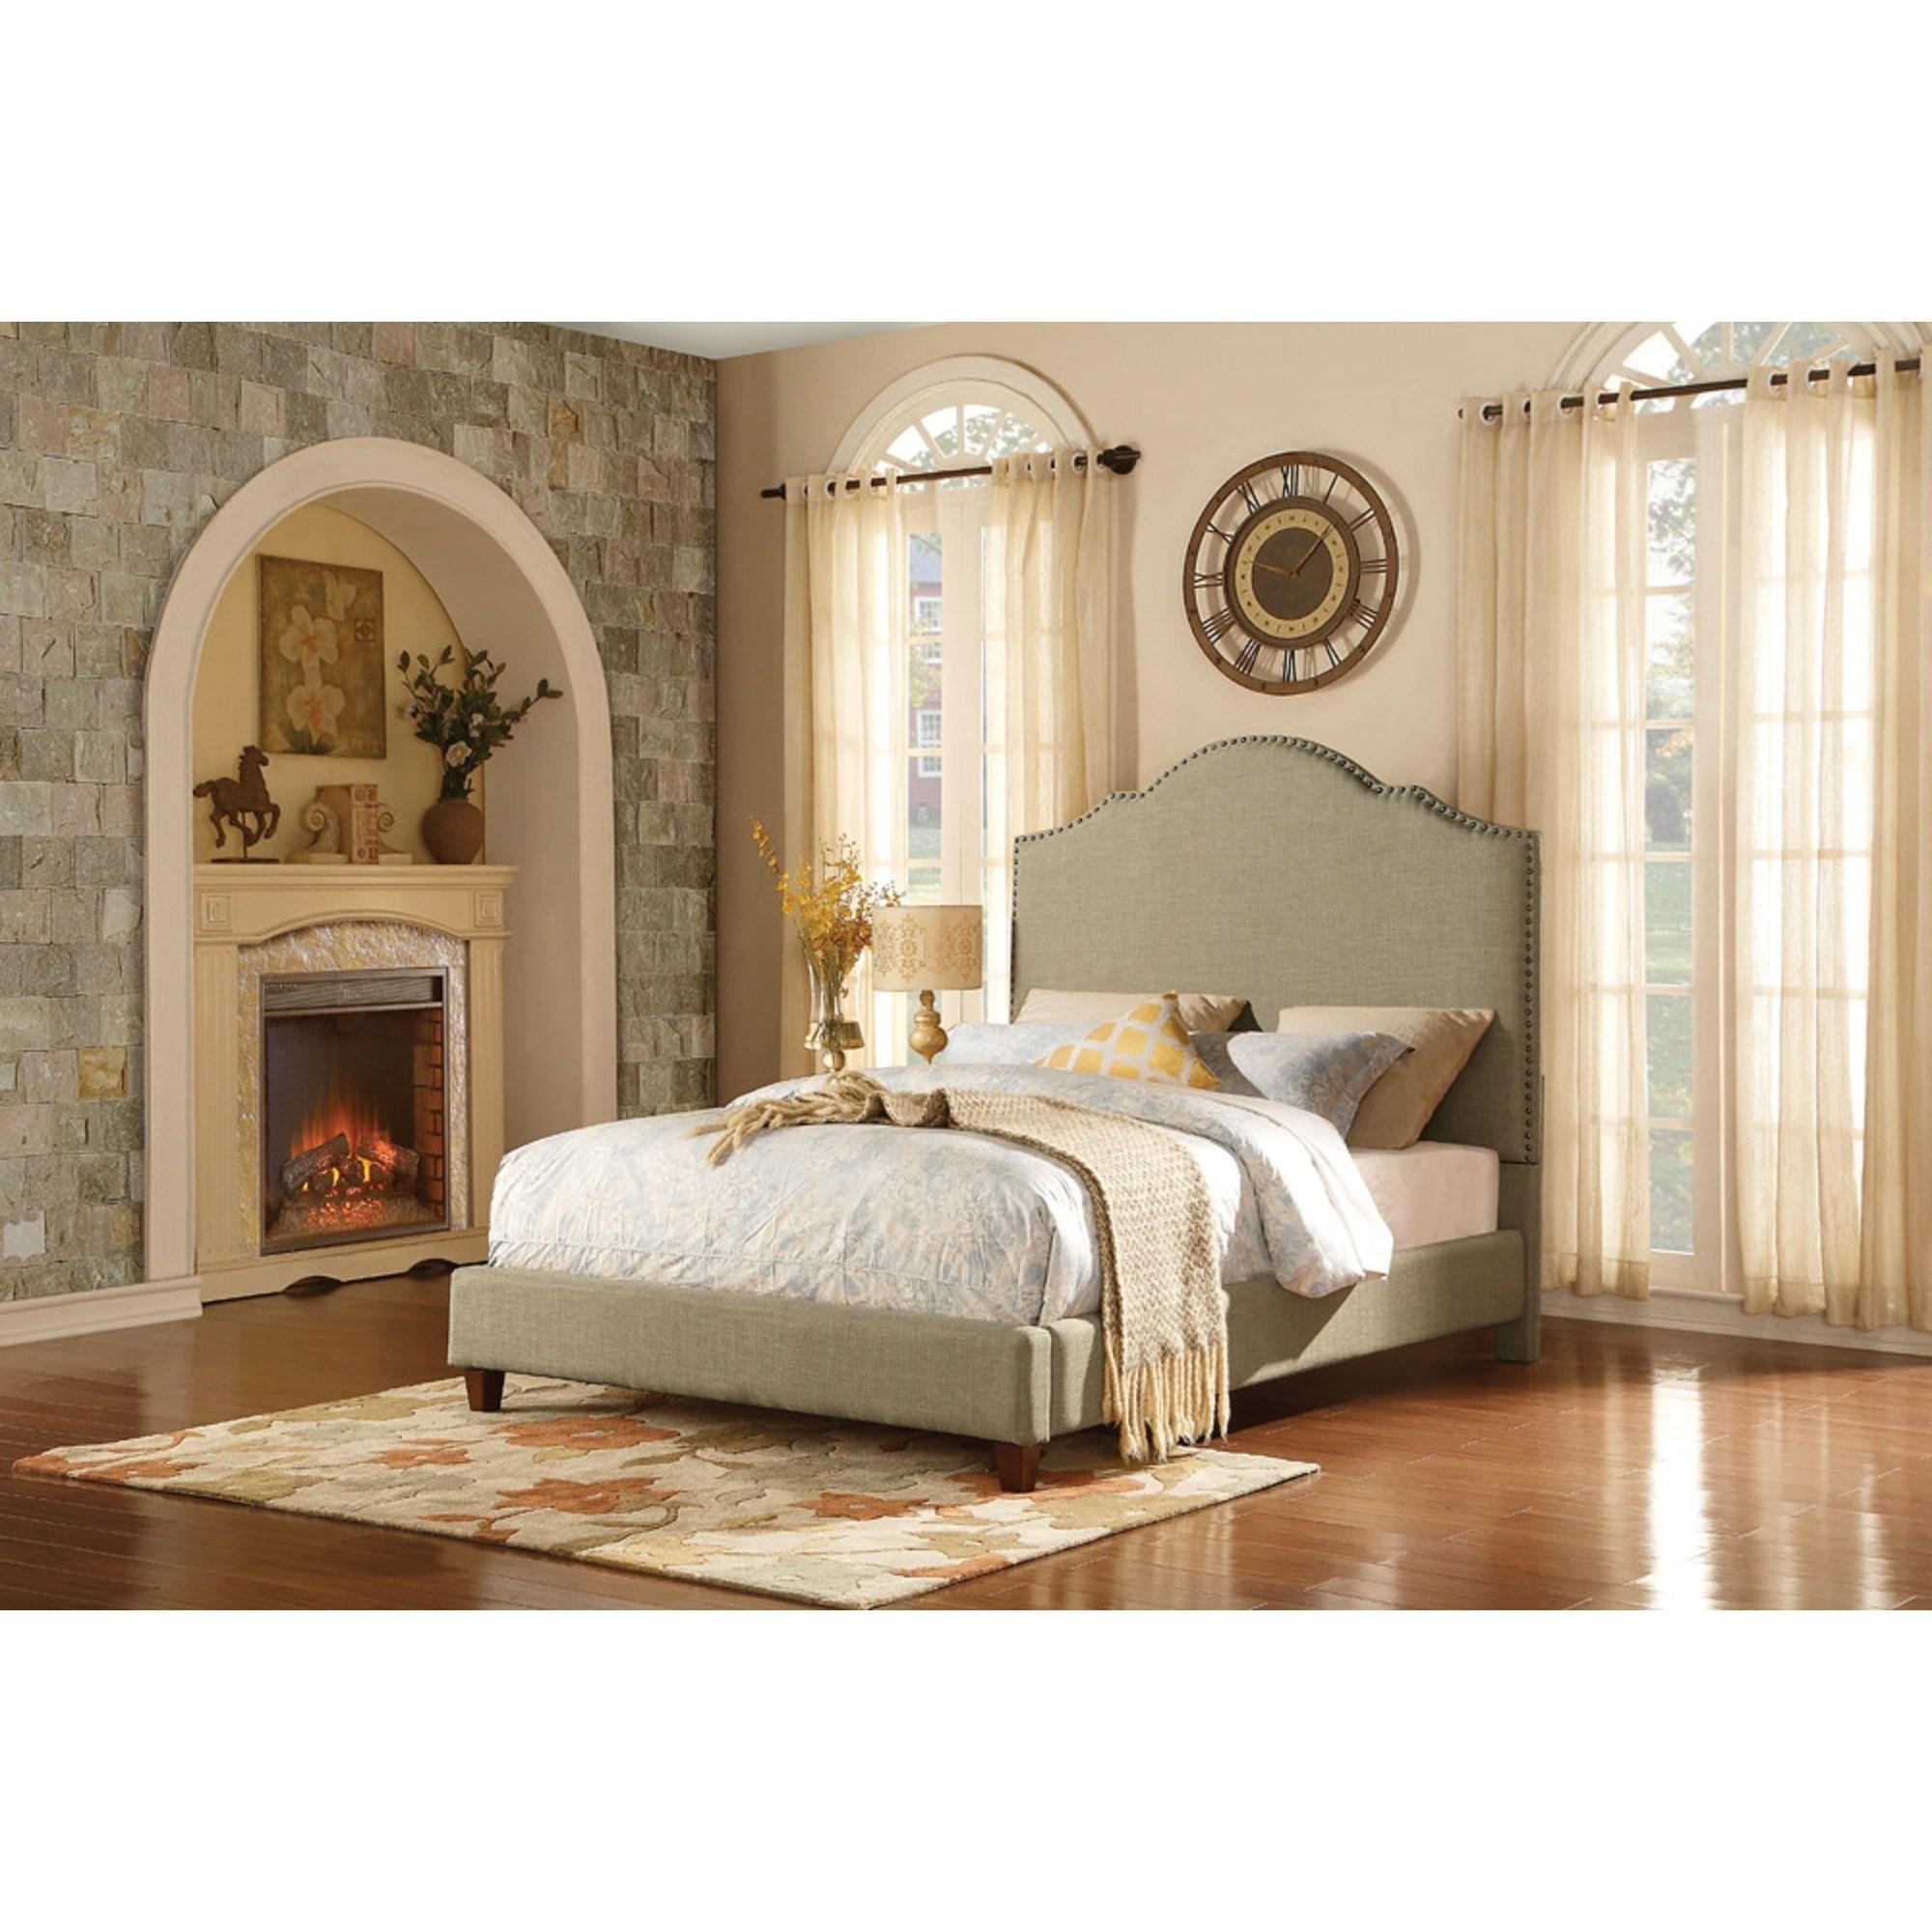 Homelegance Ember Contemporary Queen Upholstered Platform Bed - Item Number: 5797N-1+3